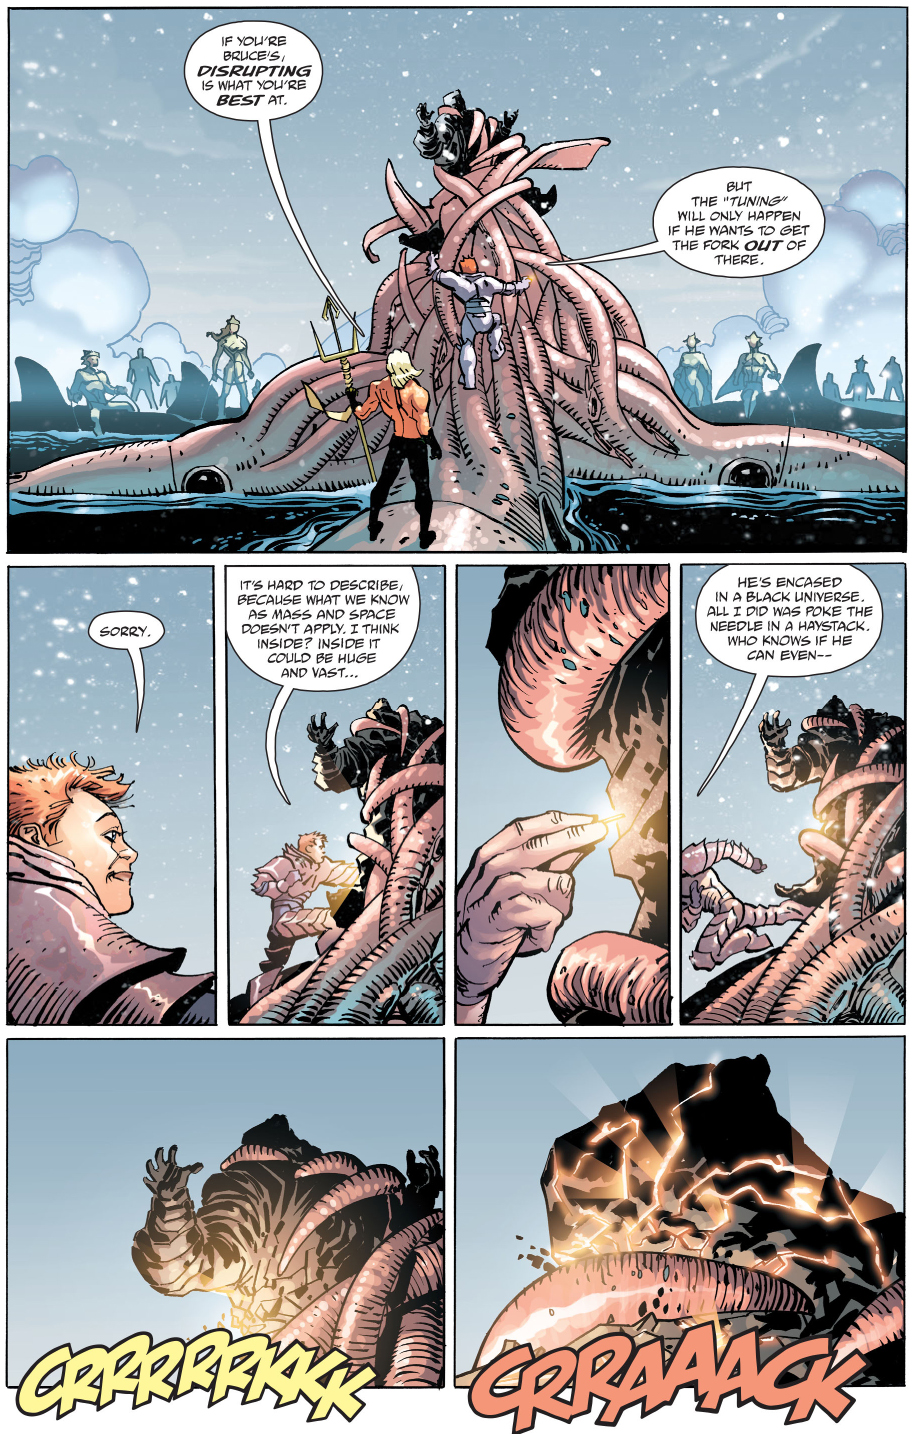 aquaman and batgirl saves superman (the master race)